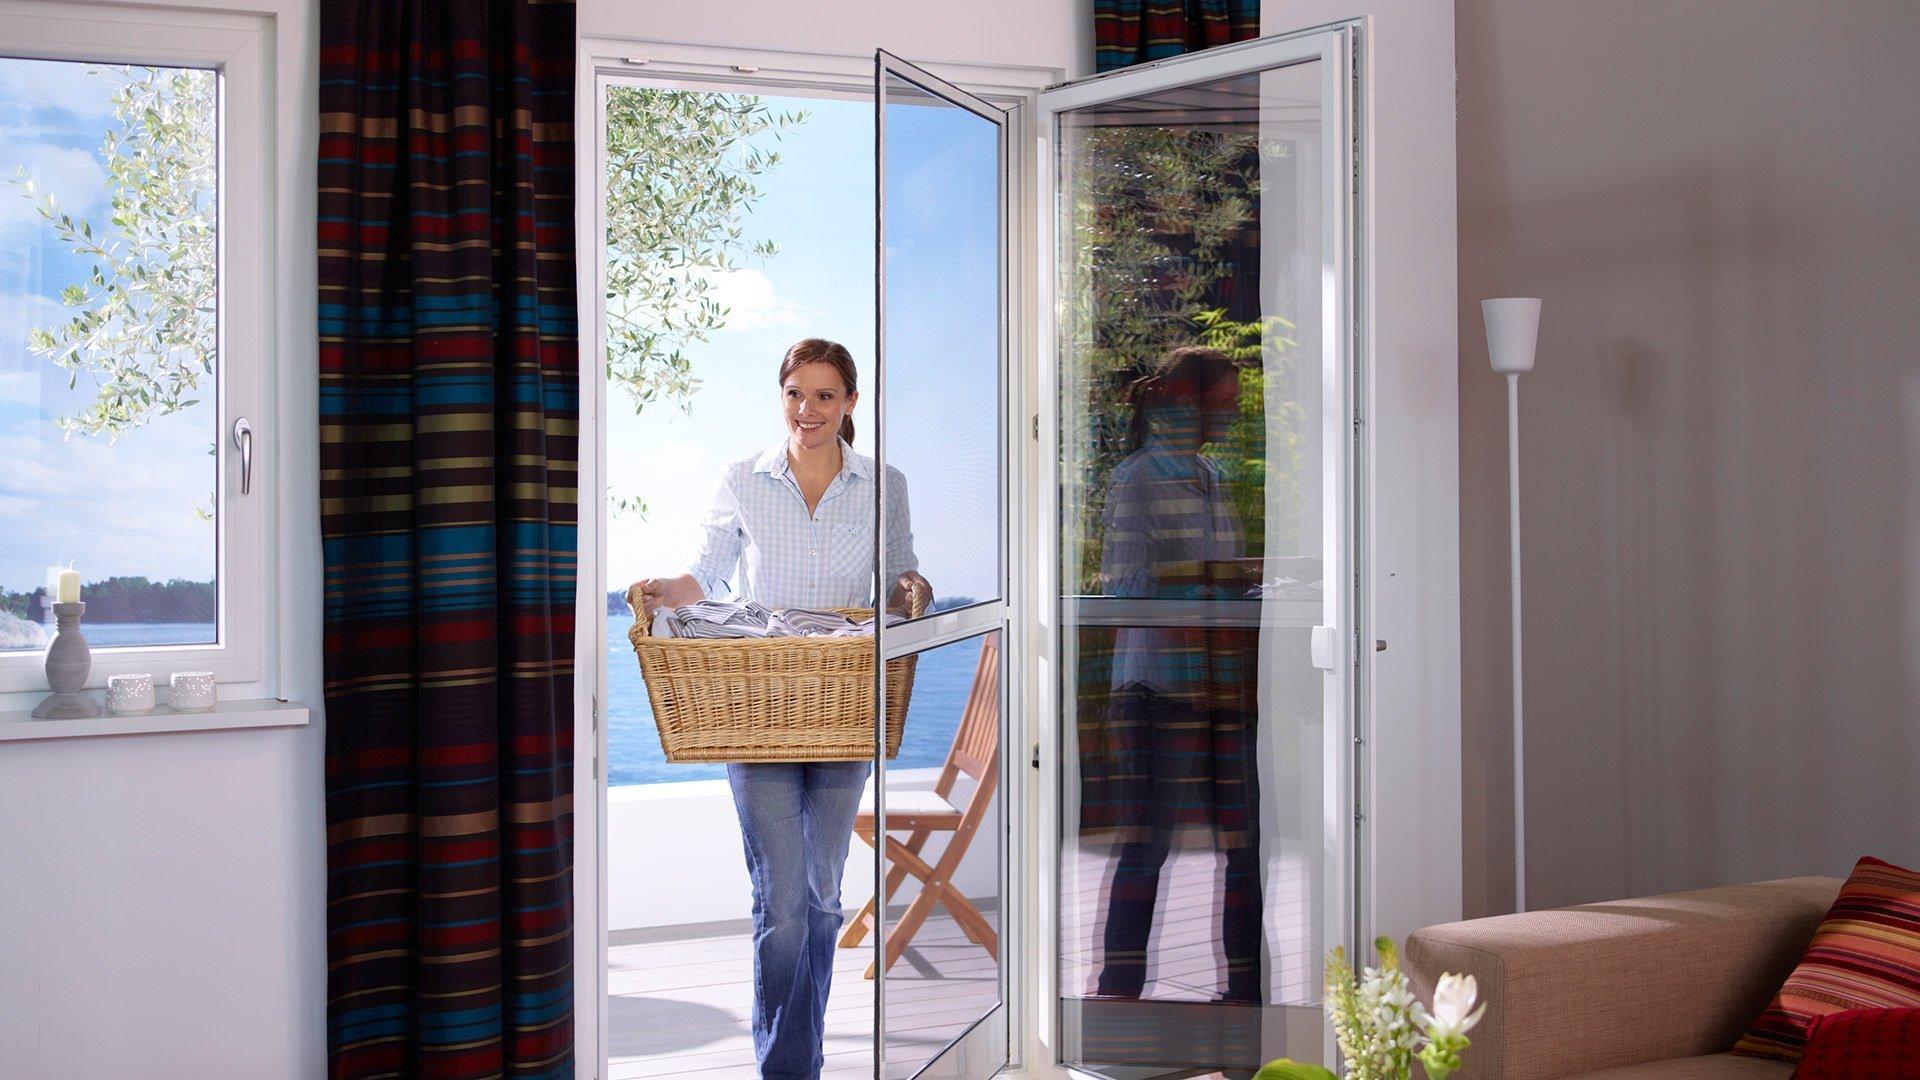 Eine Frau bringt einen Korb Wäsche durch eine Fliegengitter-Pendeltür ins Haus